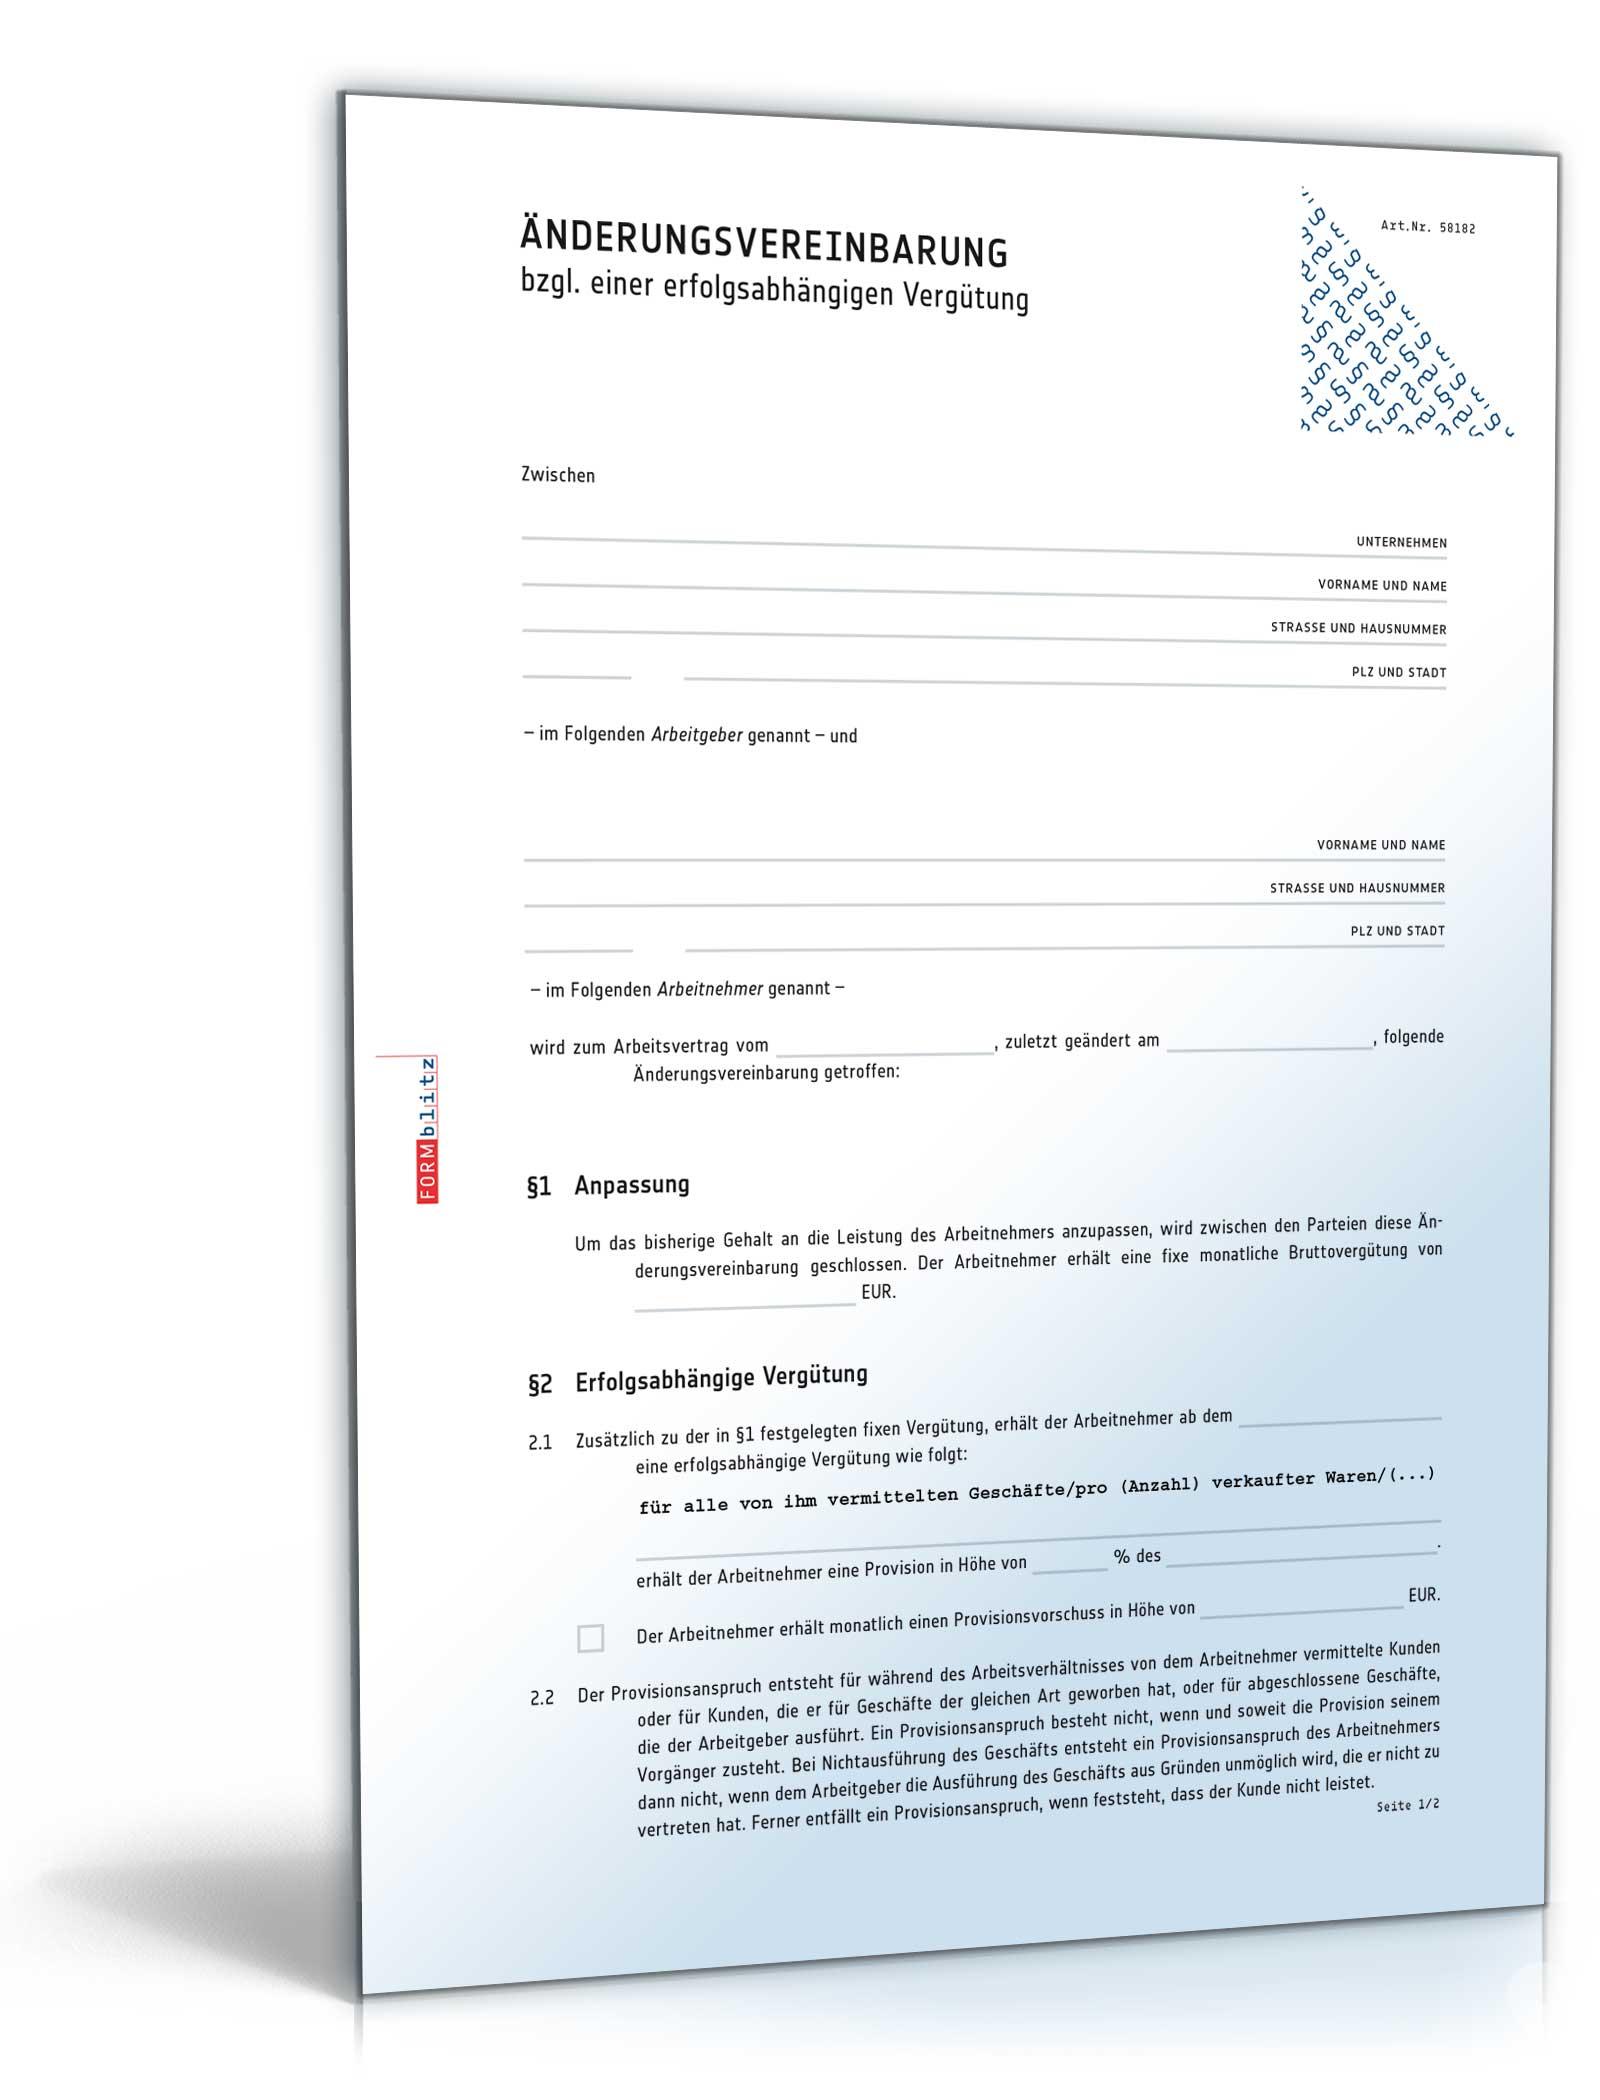 Änderungsvereinbarung (Provision)